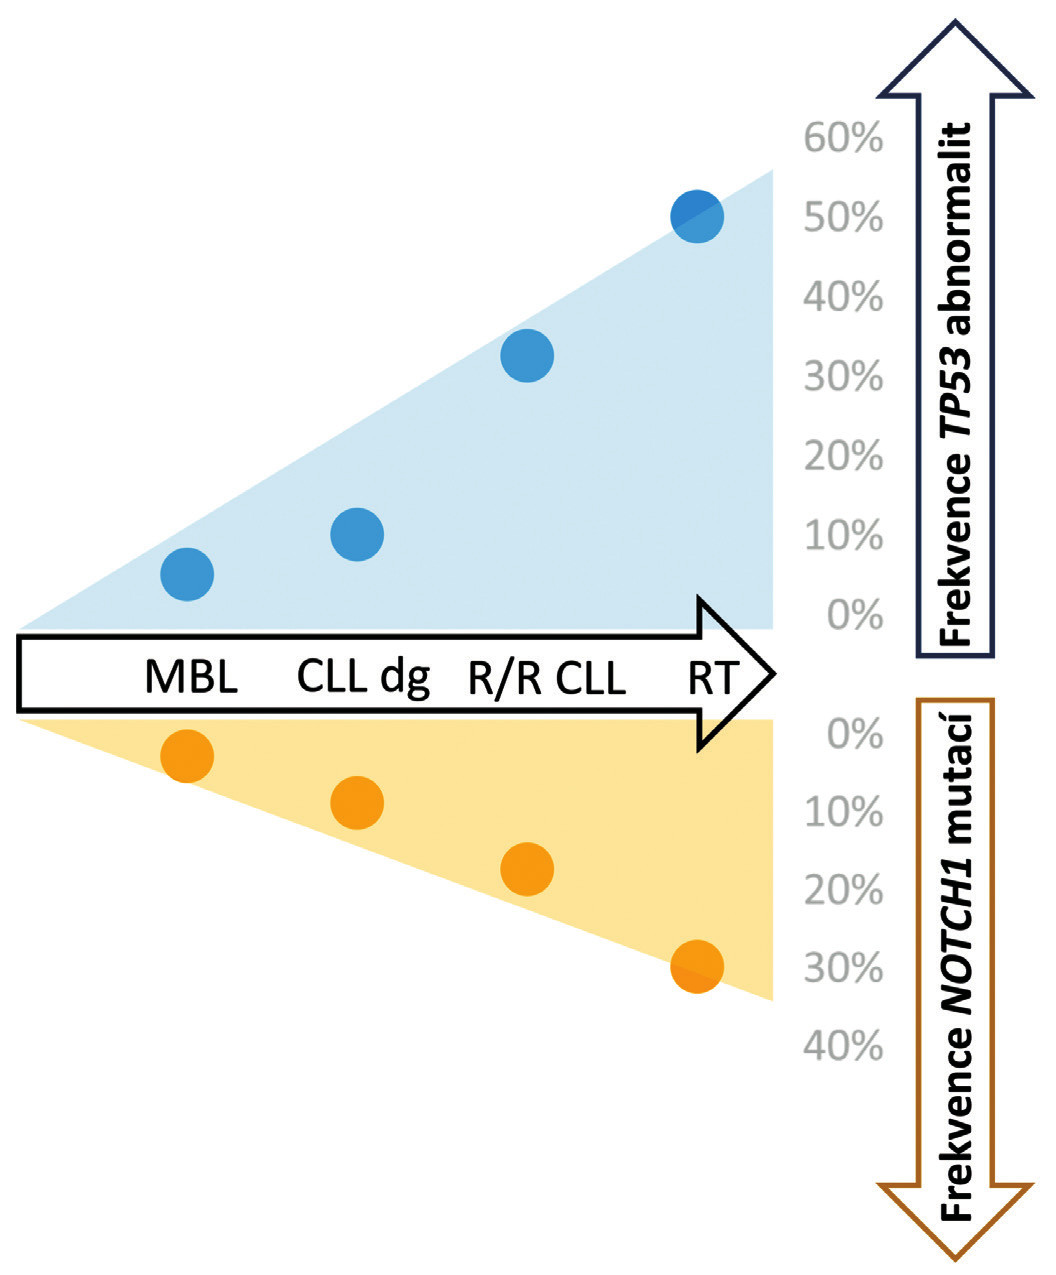 Výskyt mutací vgenech TP53 aNOTCH1 vrůzných fázích chronické lymfocytární leukemie (CLL) [34, 48, 49]. MBL – monoklonální B-lymfocytóza, R/R – relabující/refrakterní, dg – při diagnóze, RT – Richterova transformace